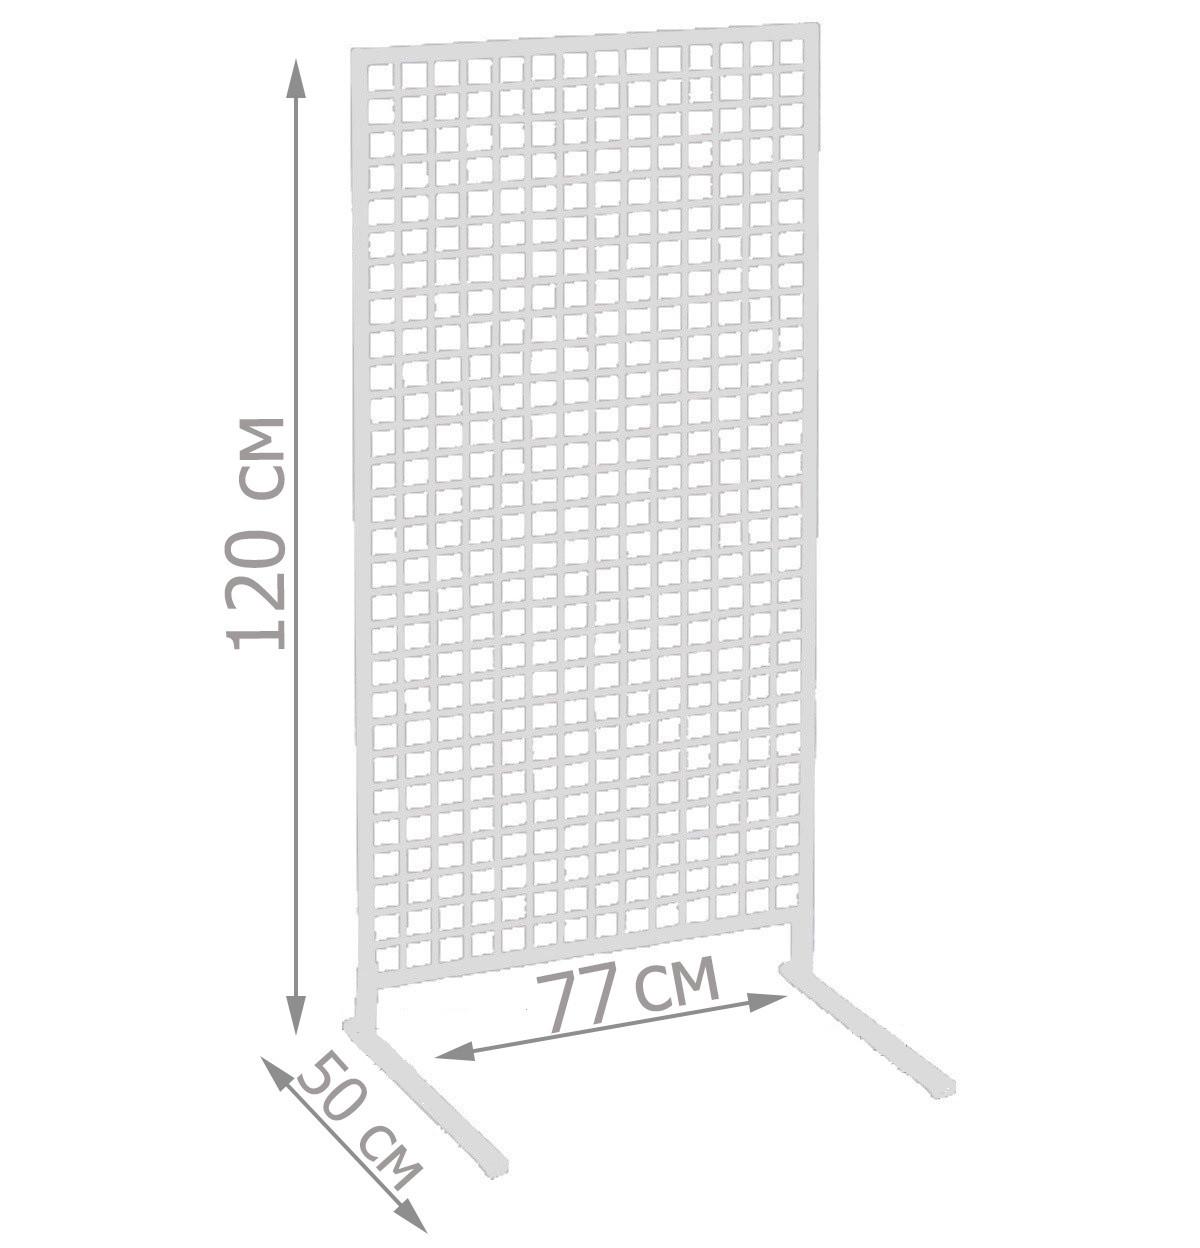 Торговая сетка стойка на ножках 120/77см (от производителя оптом и в розницу)